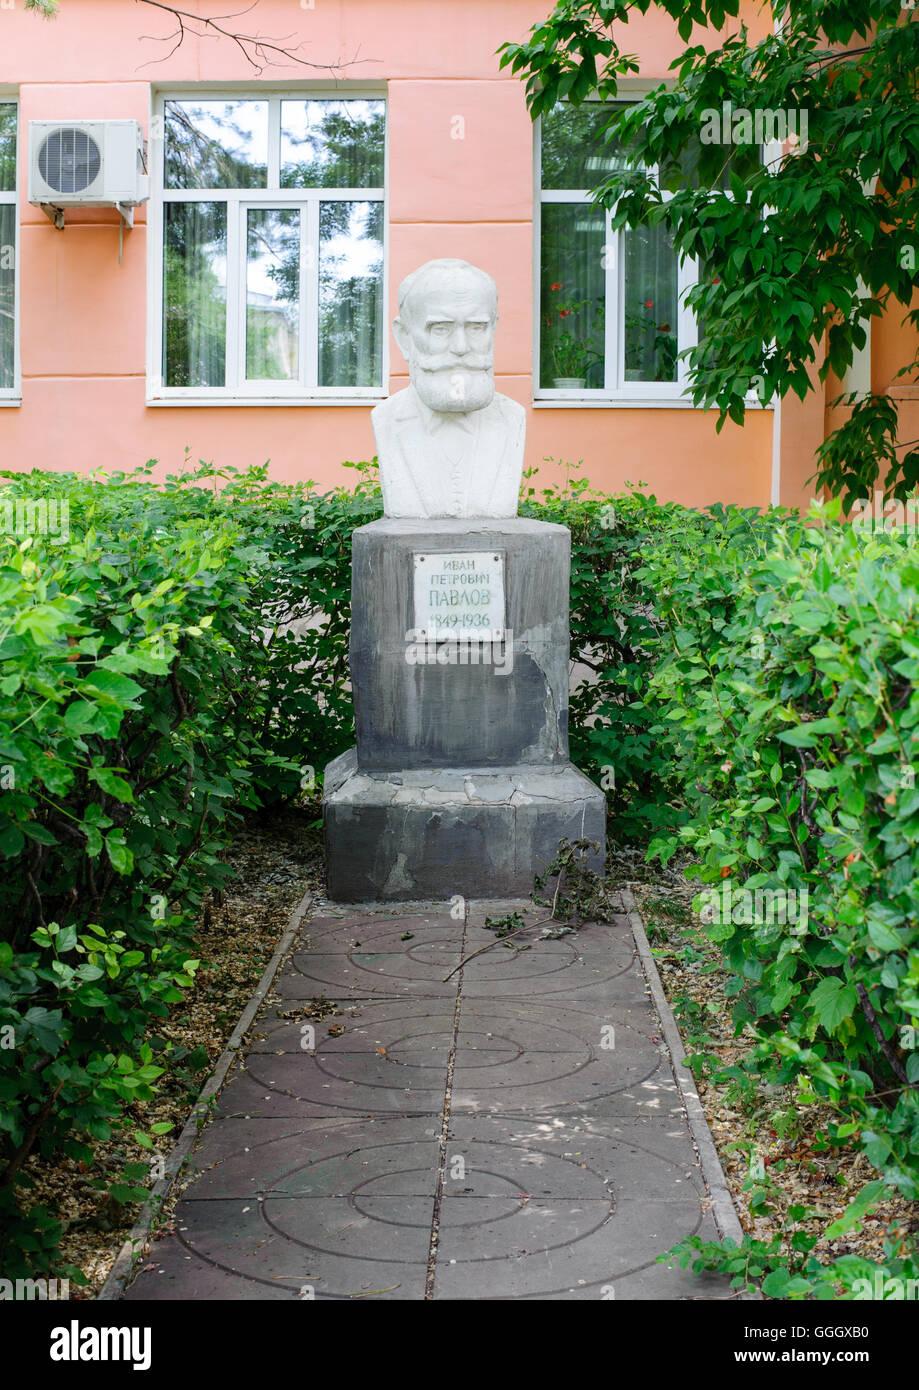 Monumento por Iván Petrovich Pavlov el primer ruso Premio Nobel en Orenburg, Rusia Imagen De Stock